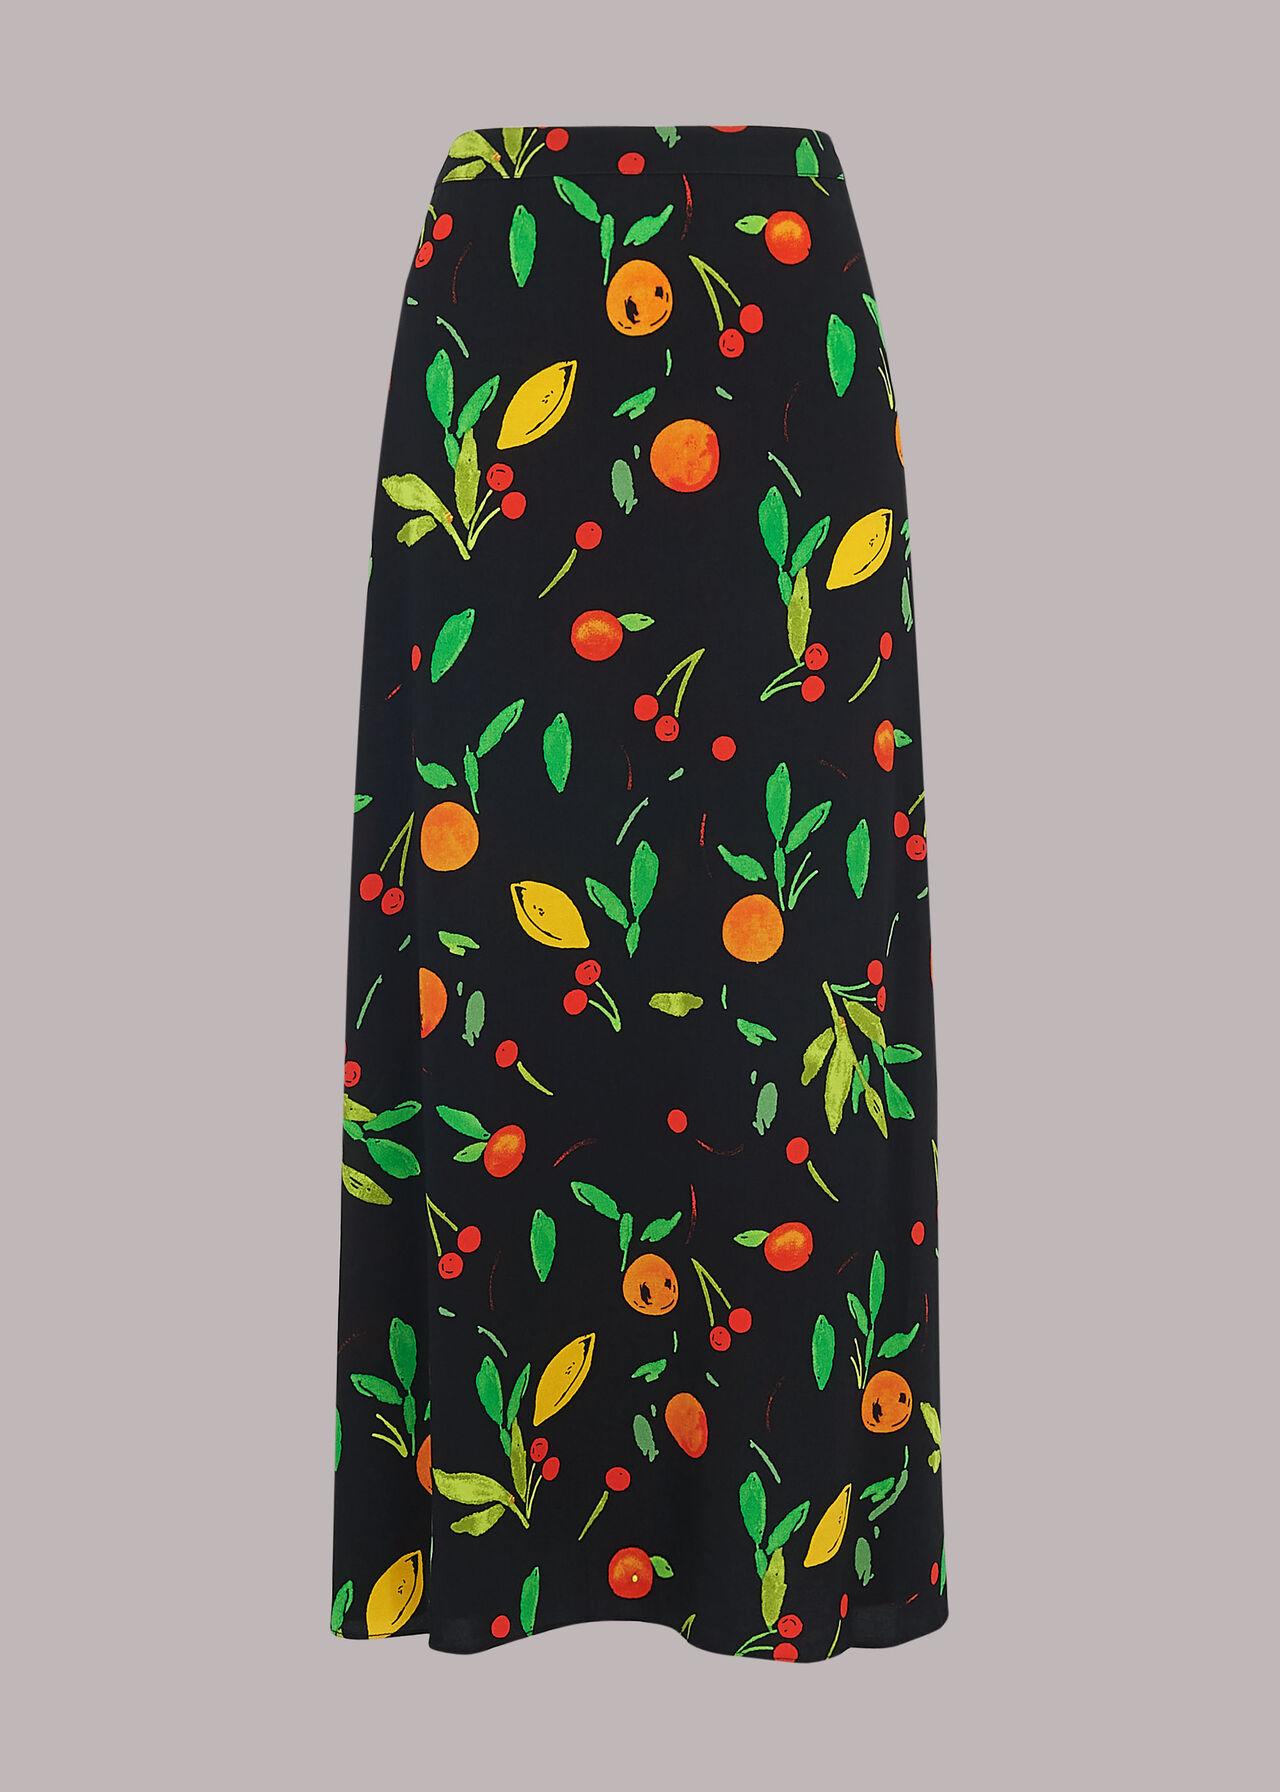 Fruit Print Skirt